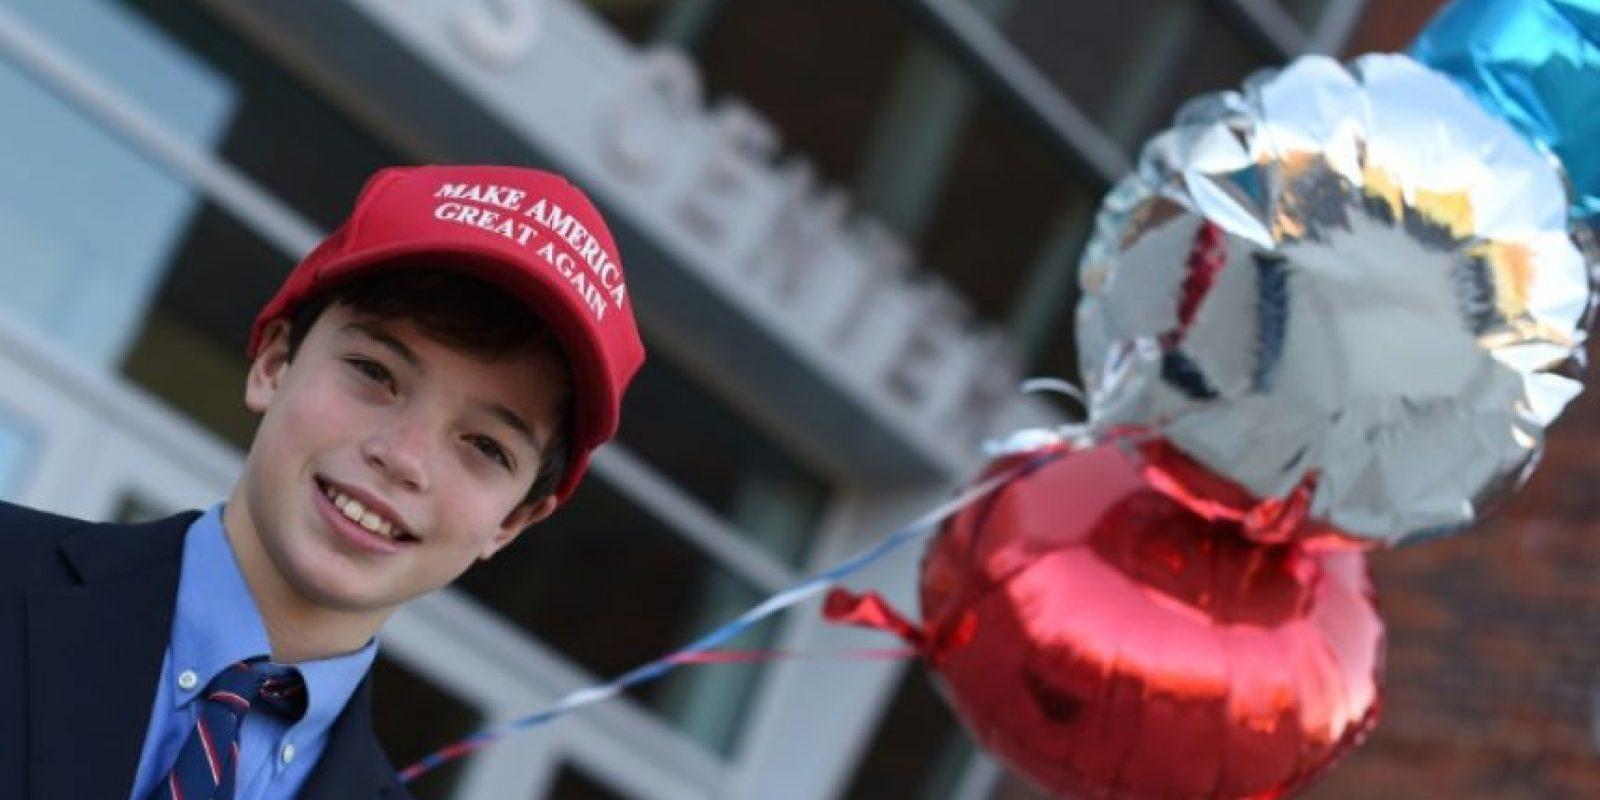 James Fiore luce una gorra con el lema de campaña del candidato republicano a la presidencia de EEUU, Donald Trump, al acompañar a su madre a votar el 8 de noviembre de 2016 en Greenwich, Connecticut Foto:Timothy A. Clary/afp.com